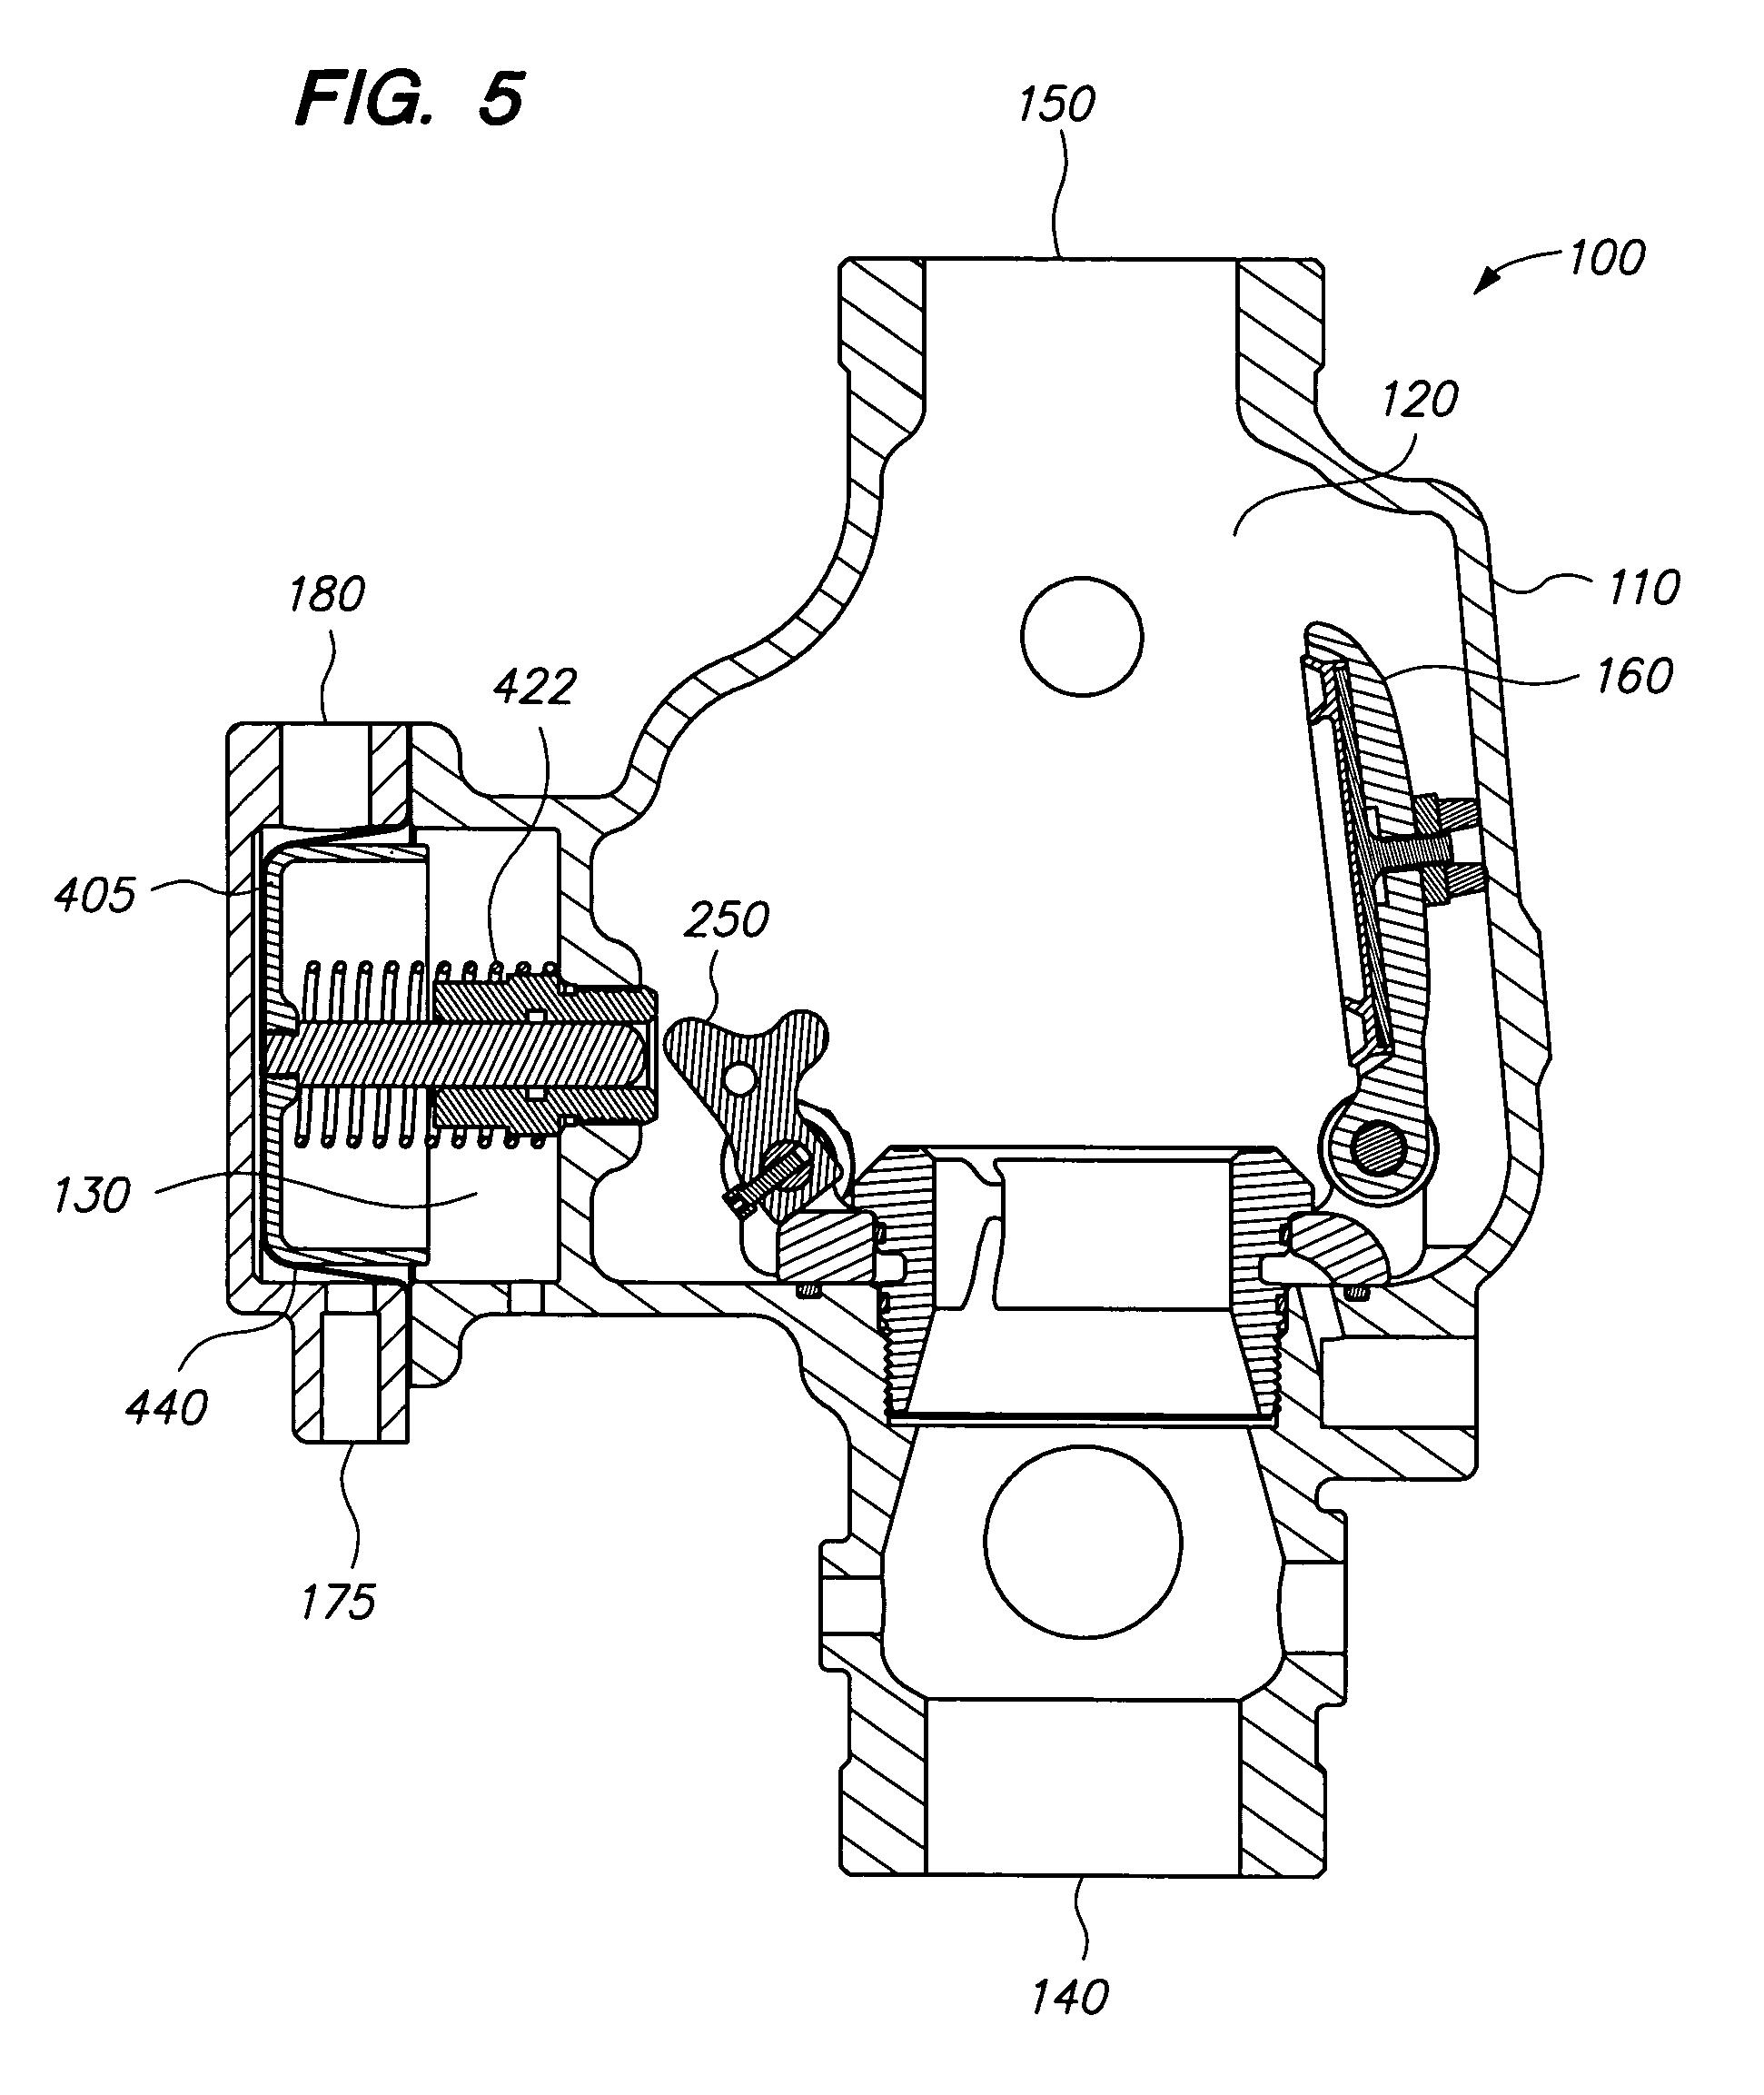 dry sprinkler system components